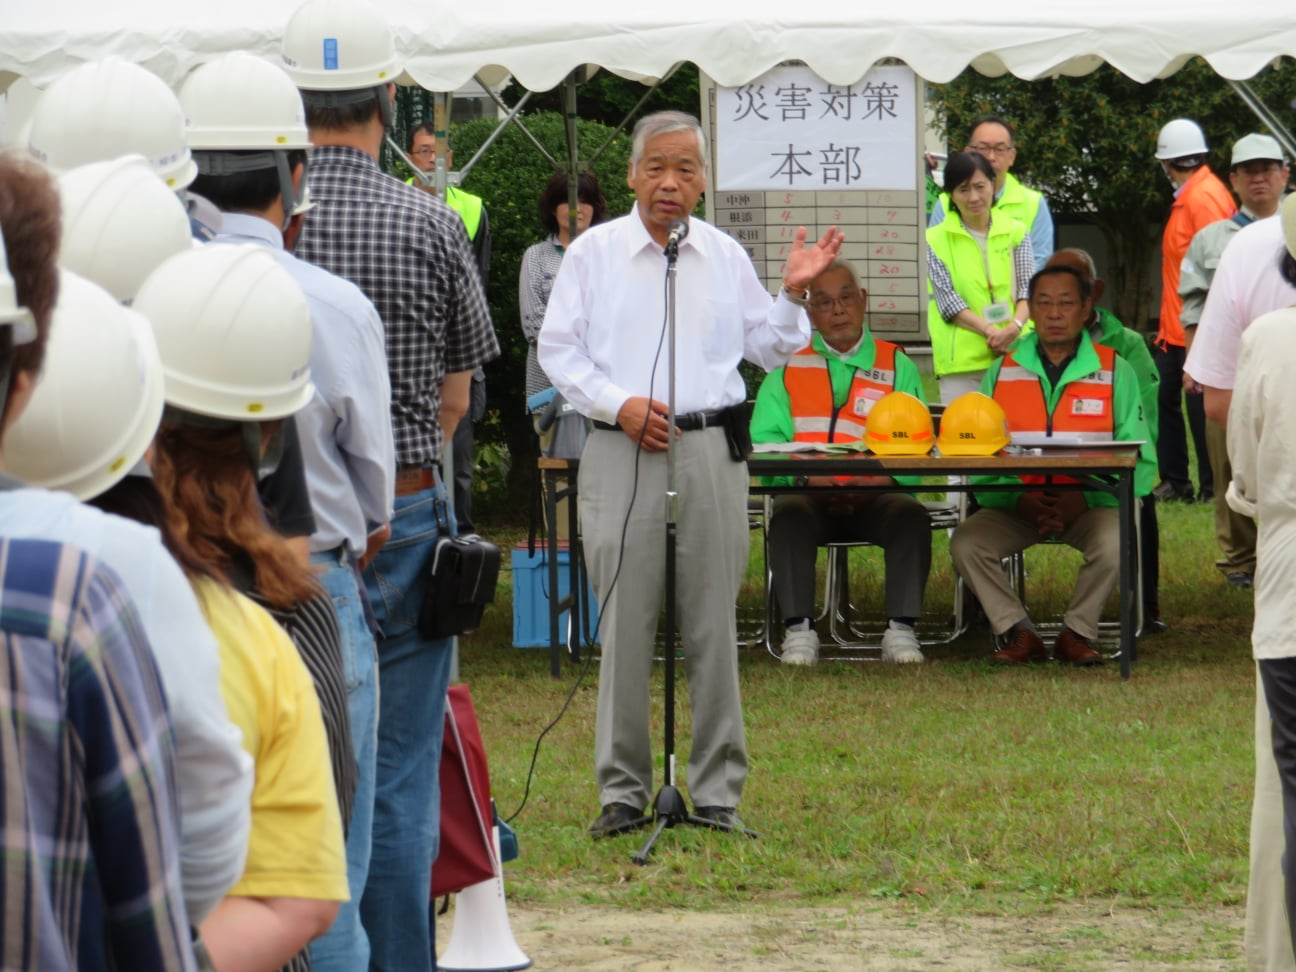 仙台市太白区総合防災訓練その後、東北方面隊の59周年の記念式典